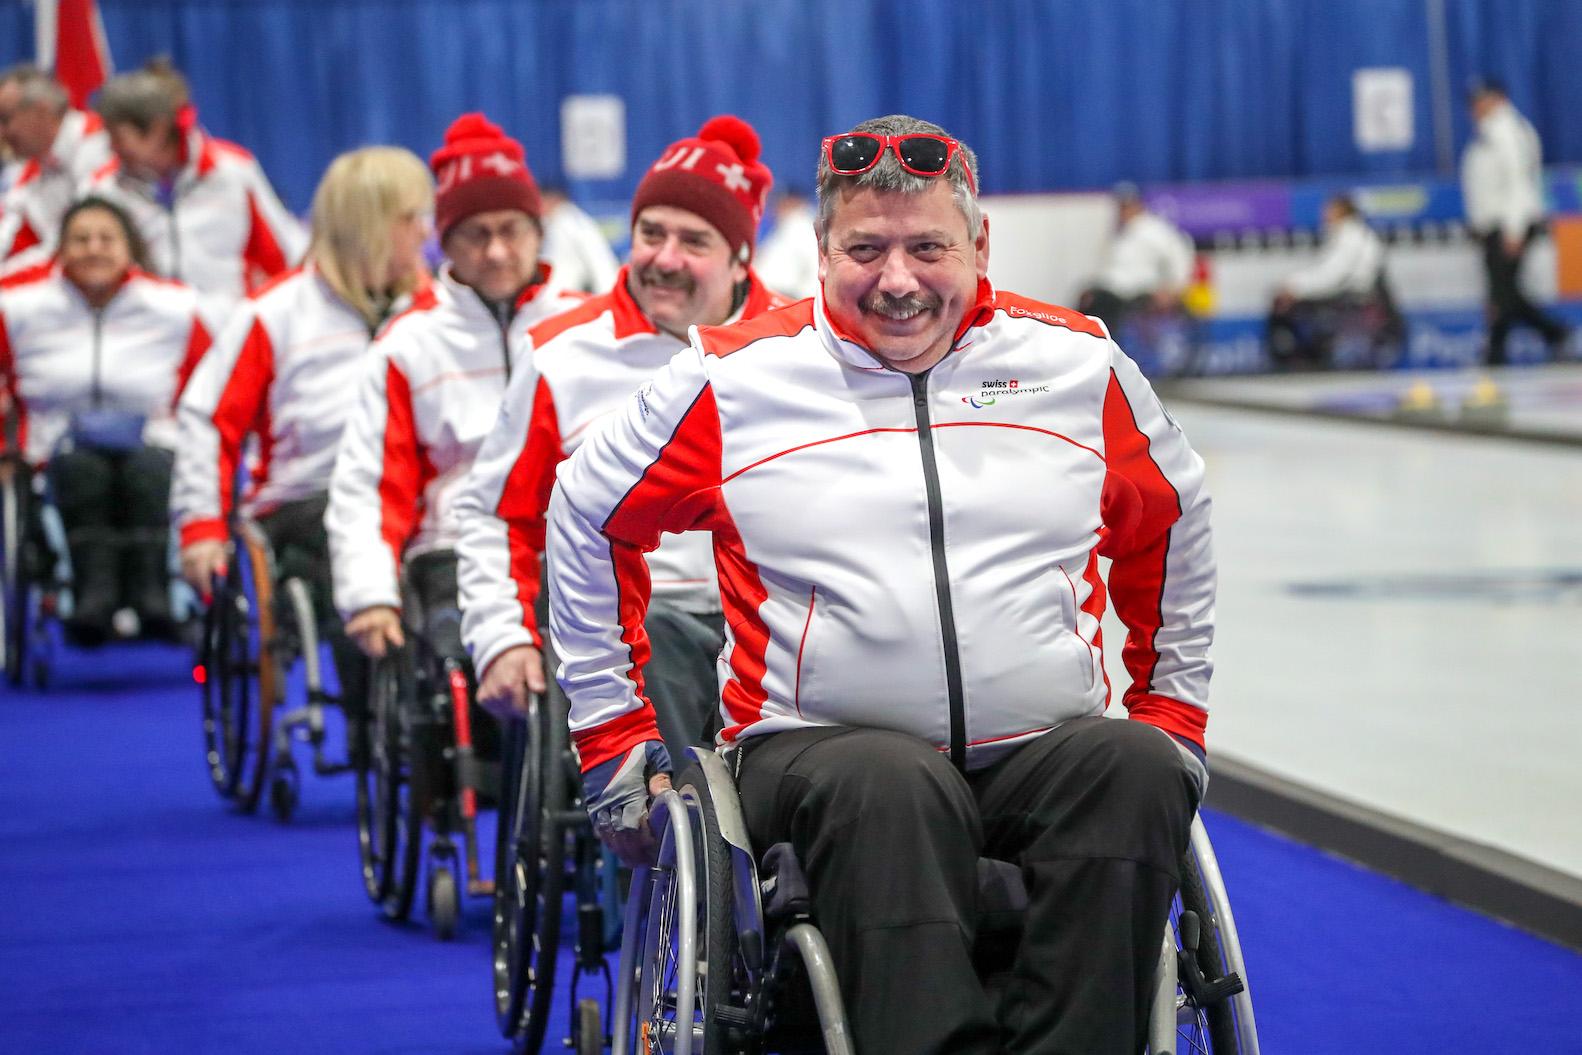 Rollstuhl-Curling WM in Wetzikon: 12 Teams kämpfen um WM-Titel